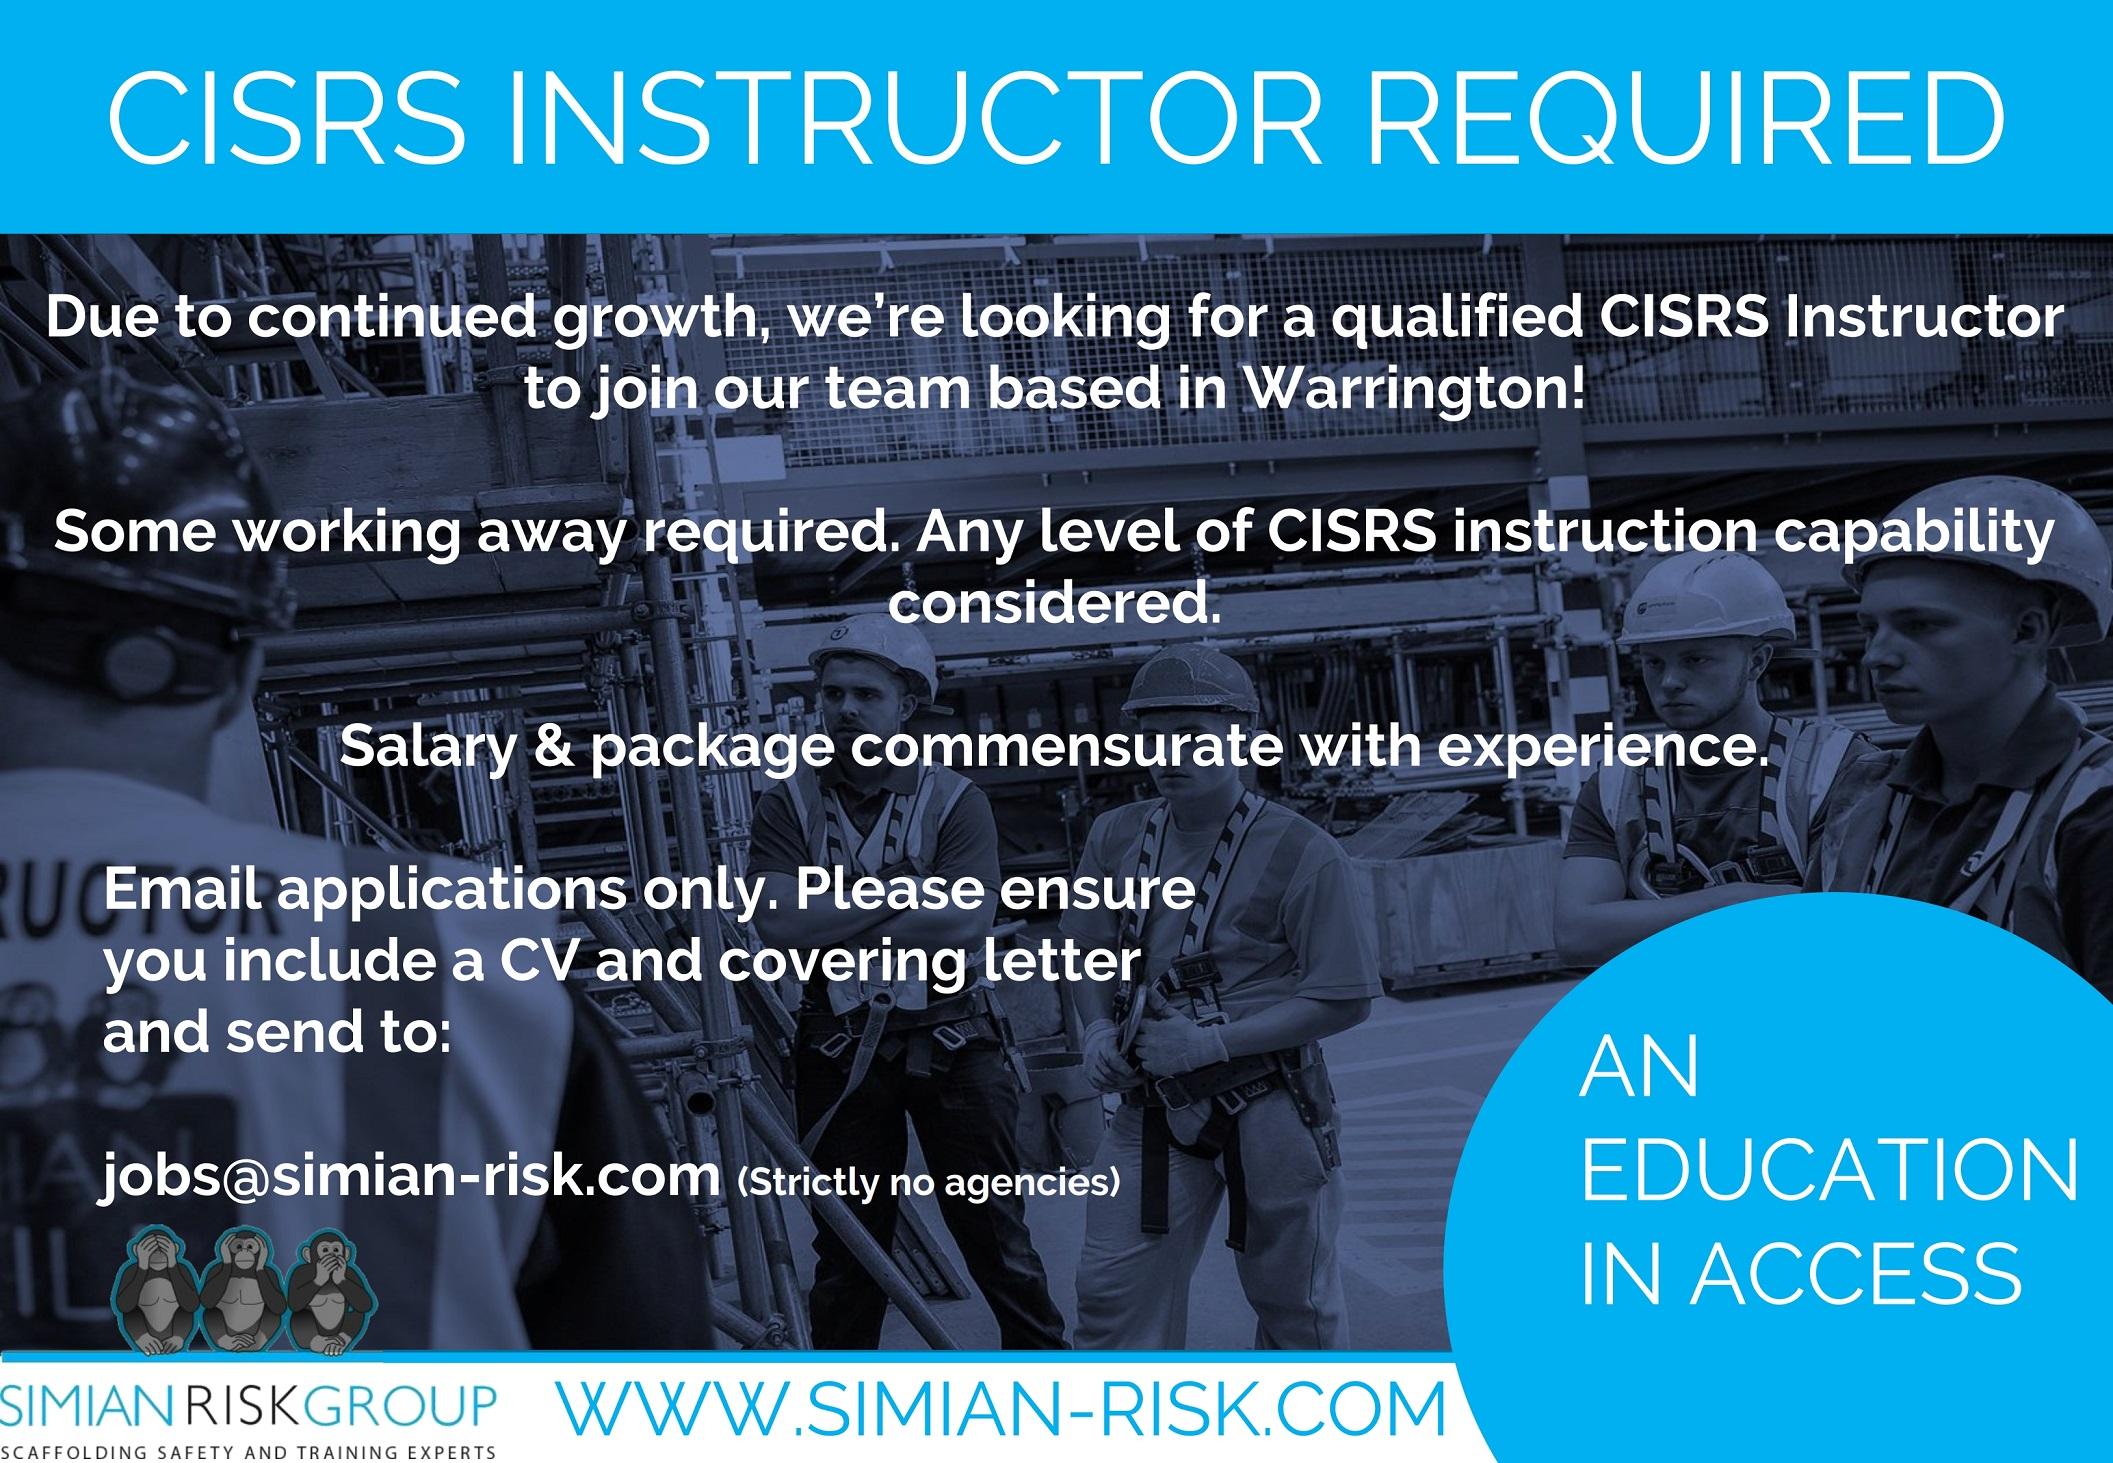 CISRS instructor vacancy